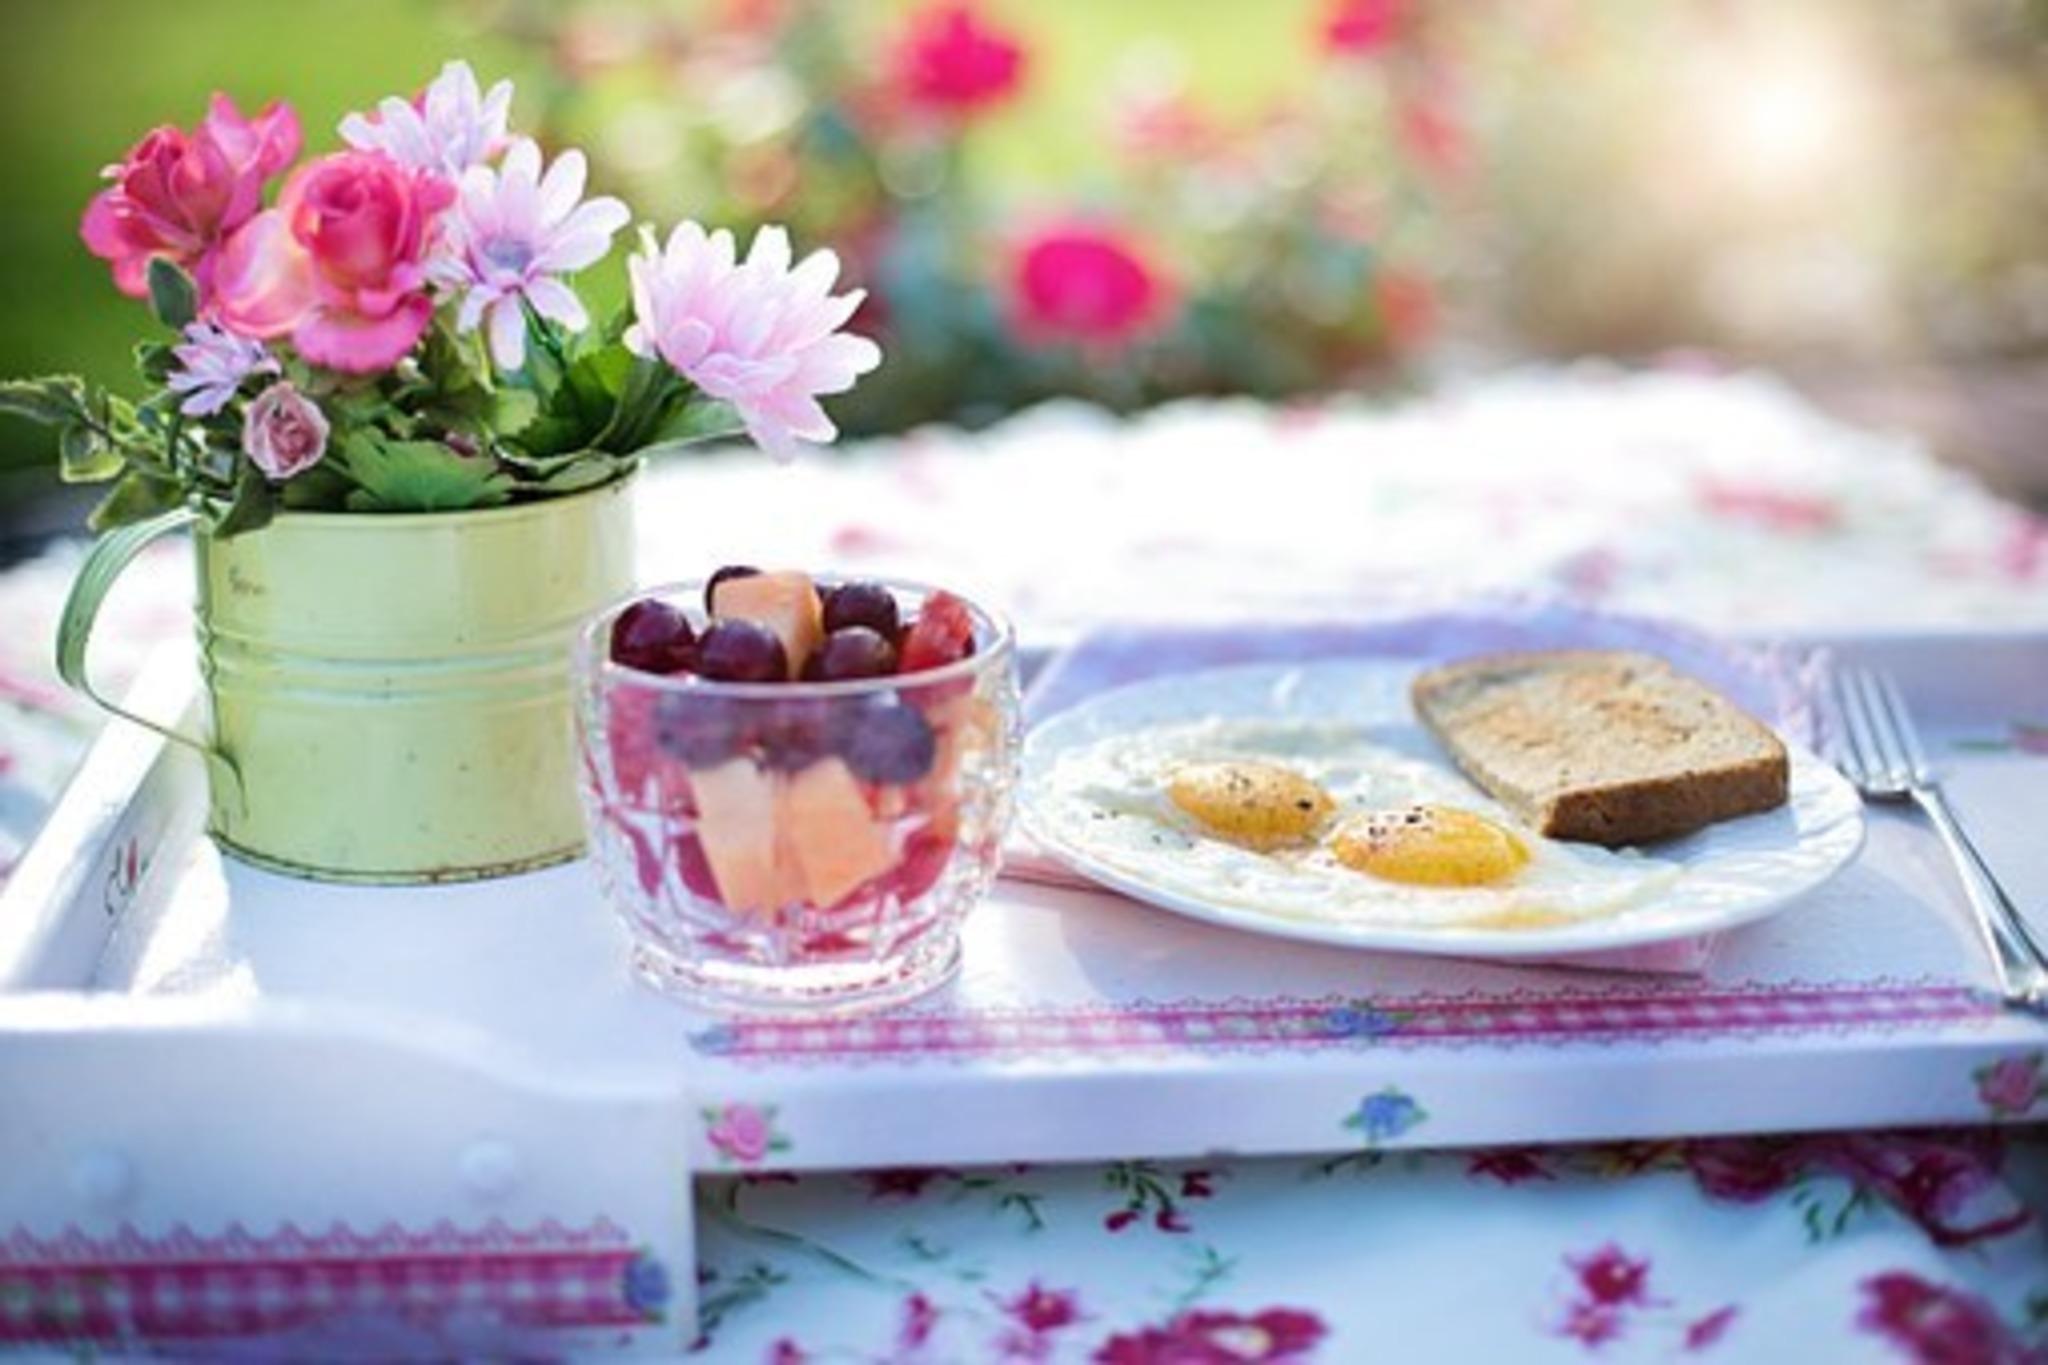 blogger.com frauen rheinbach für frühstückstreffen